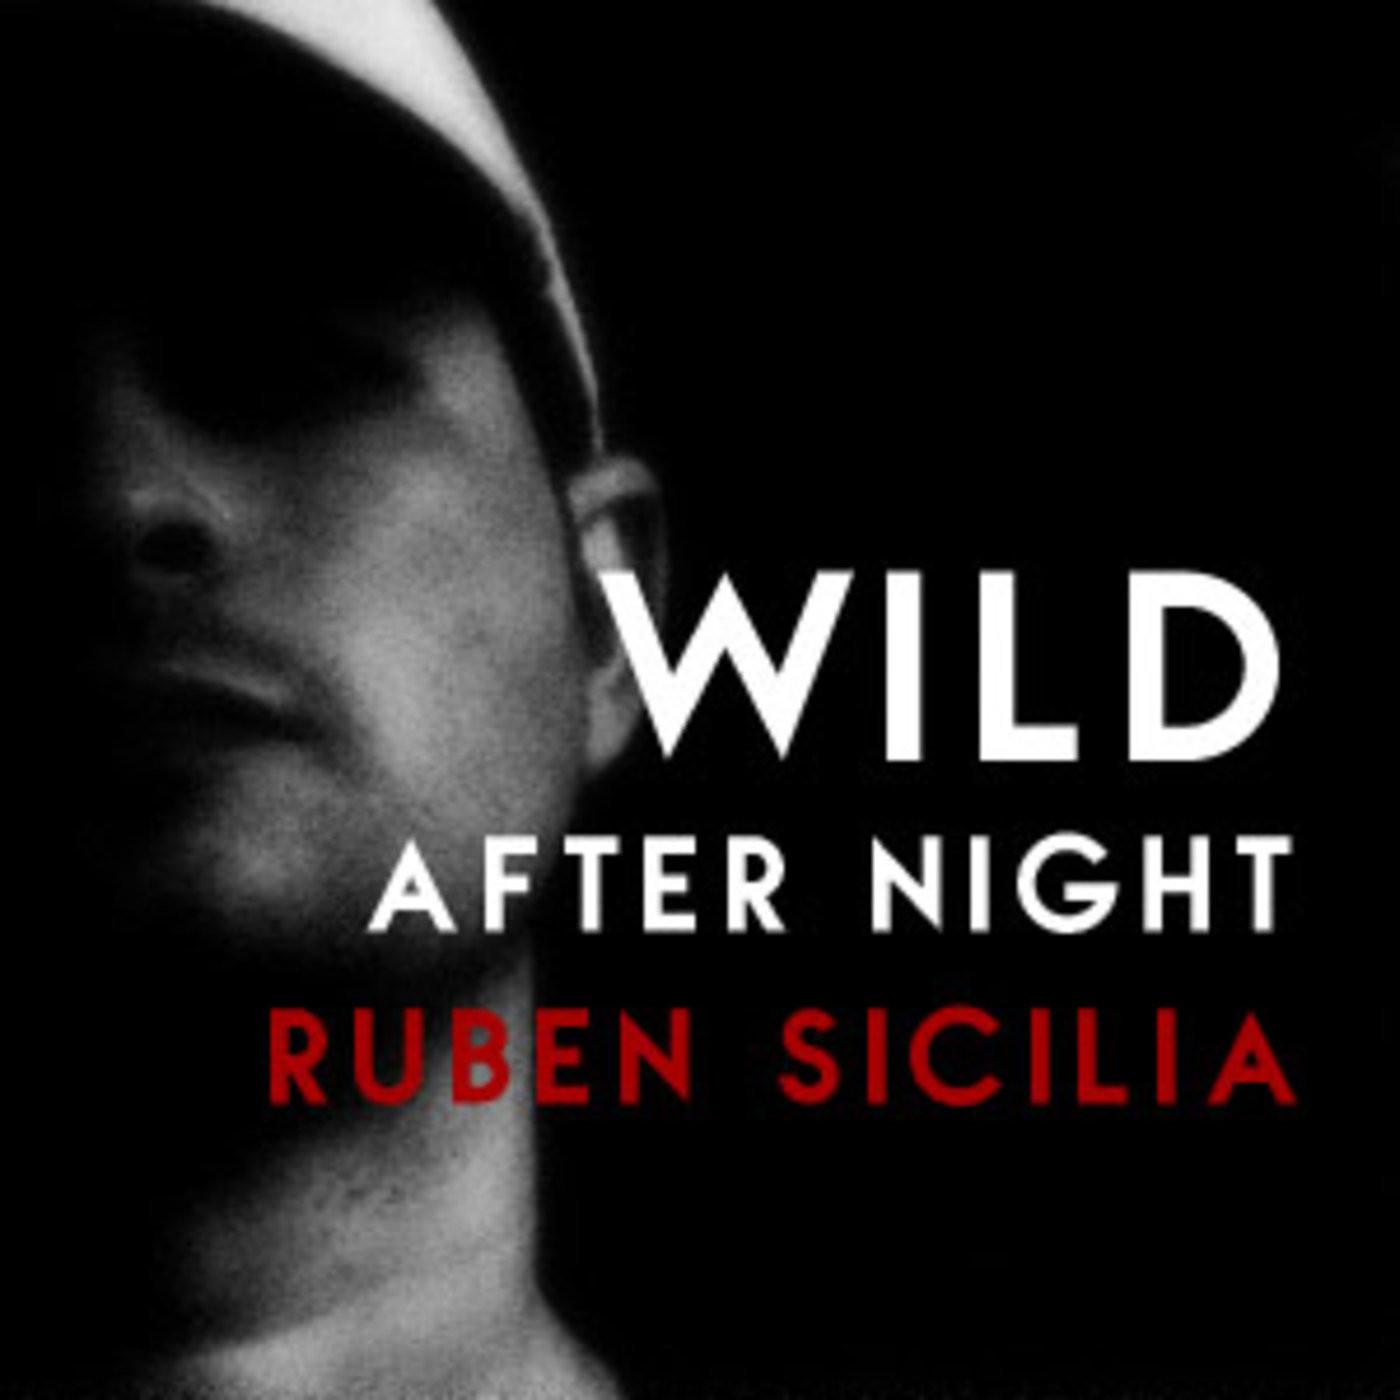 <![CDATA[Wild After Night]]>